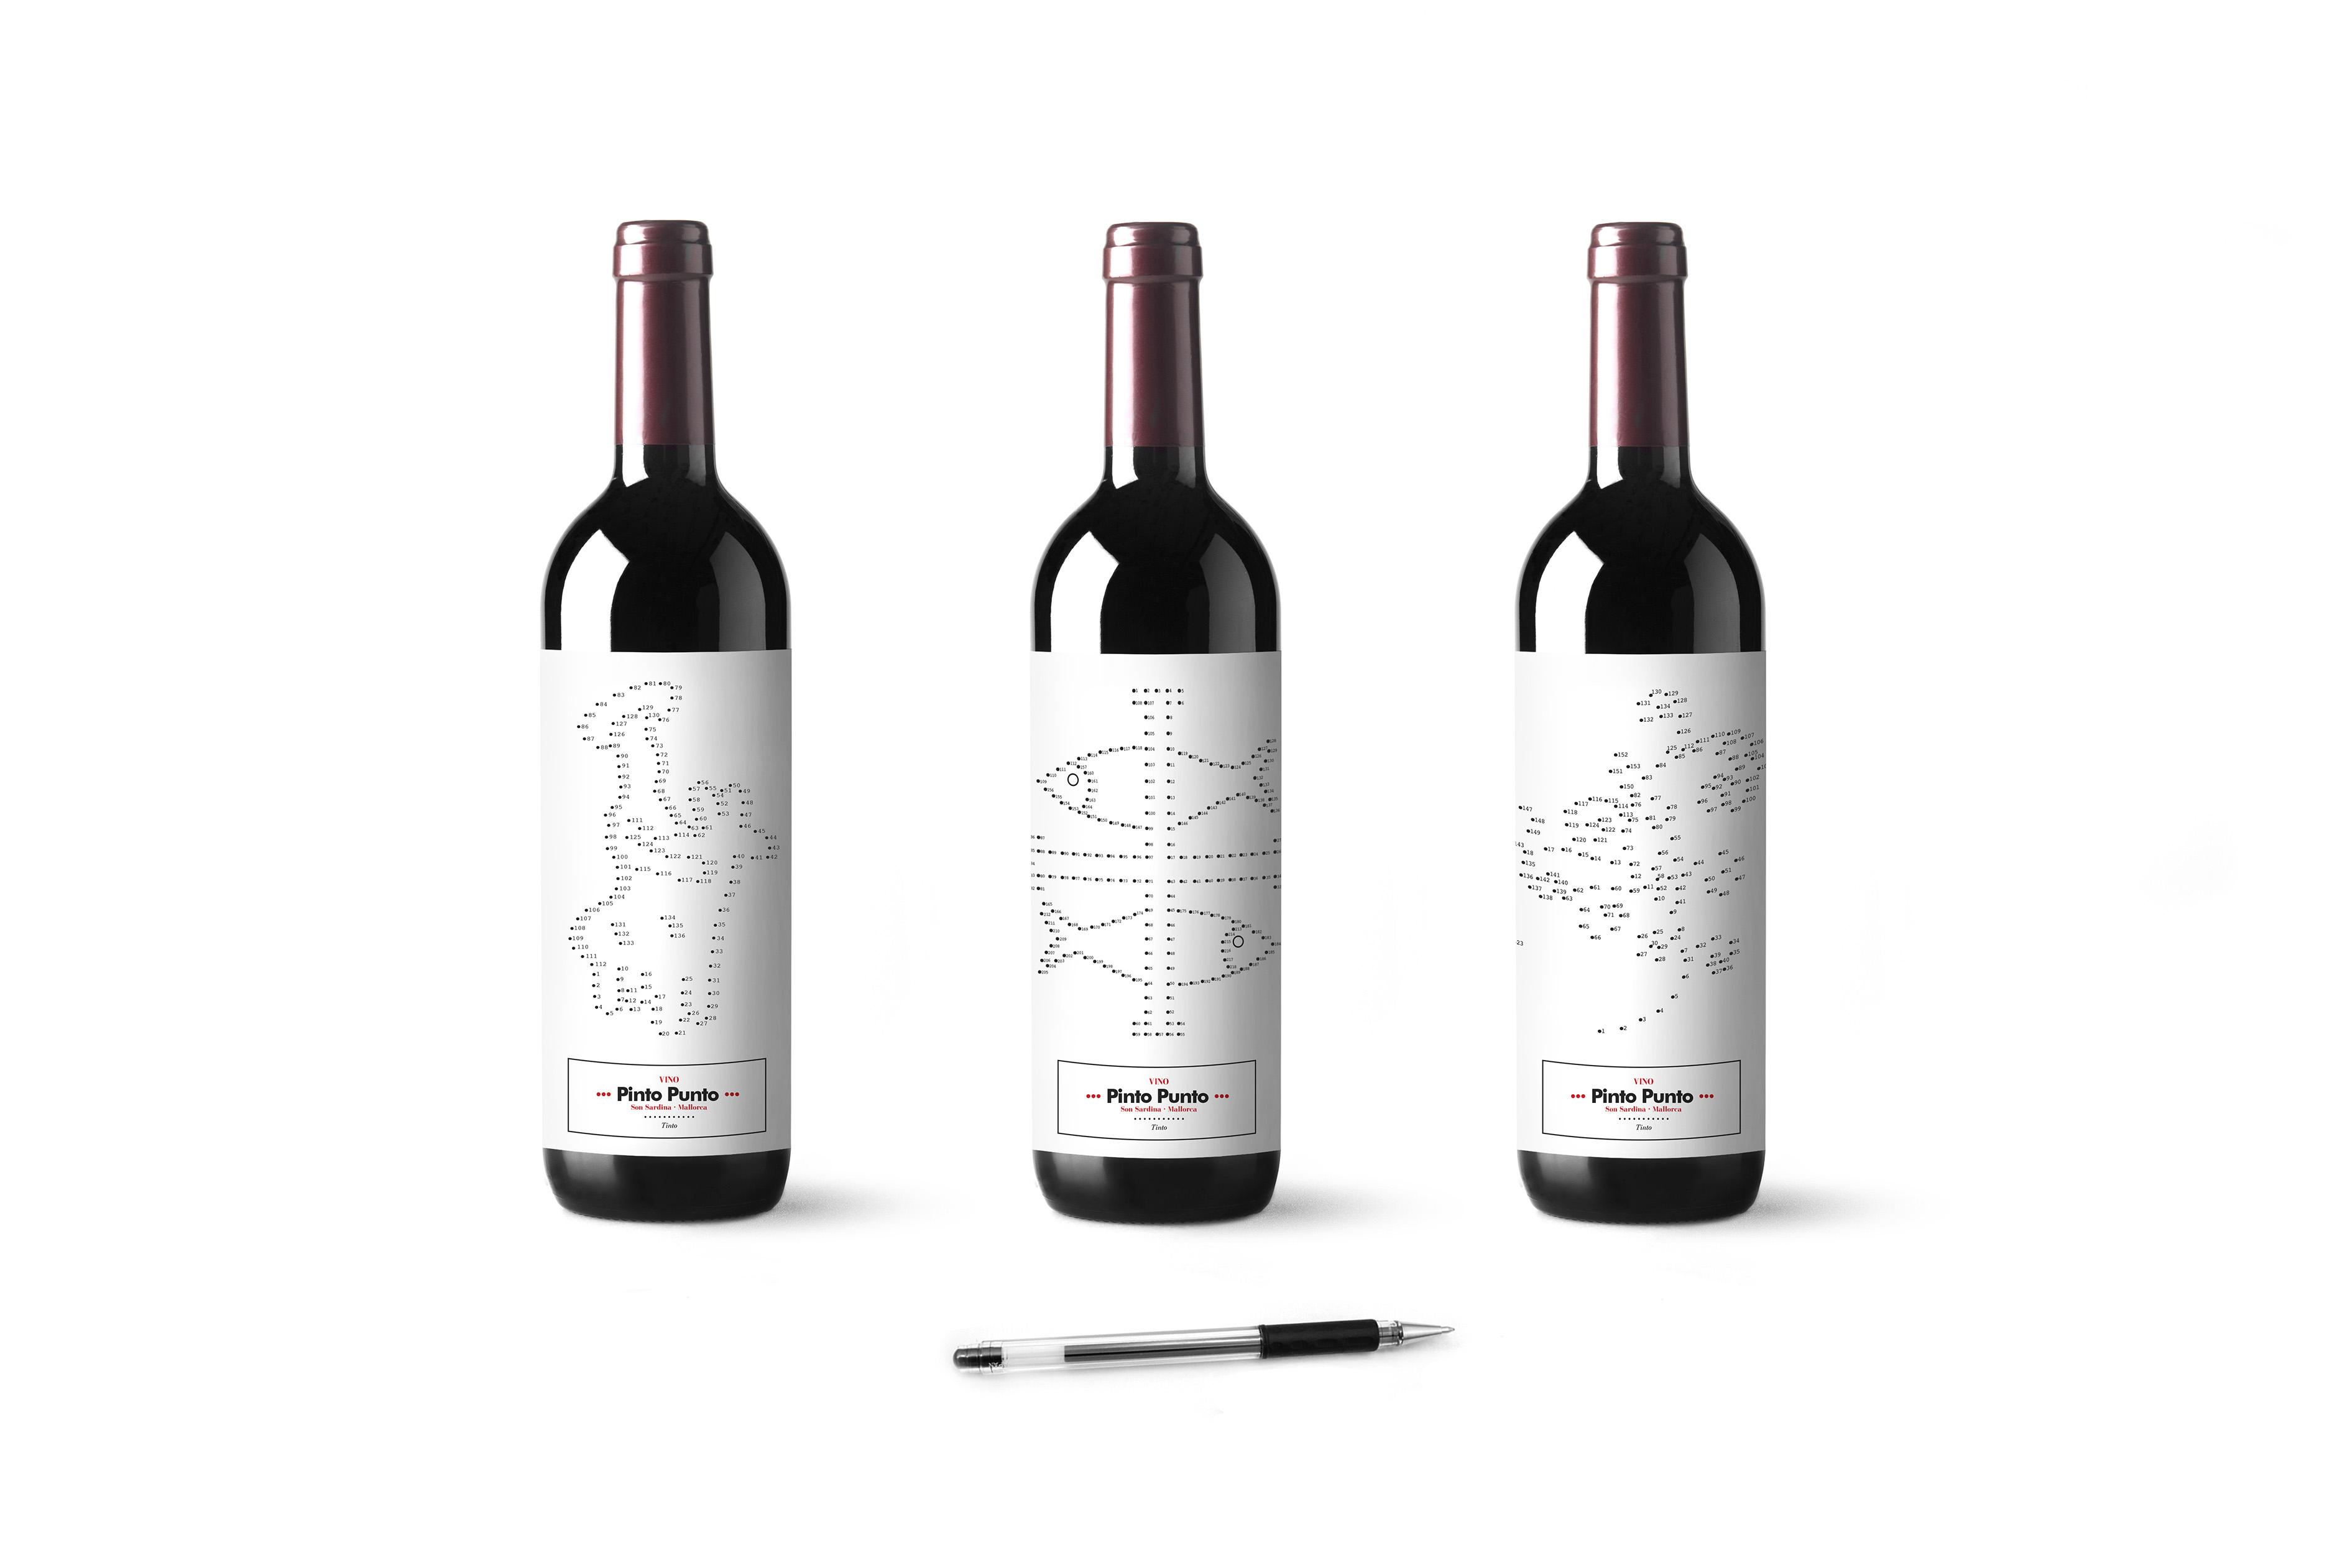 Vino Pinto Punto by Barceló estudio - Creative Work